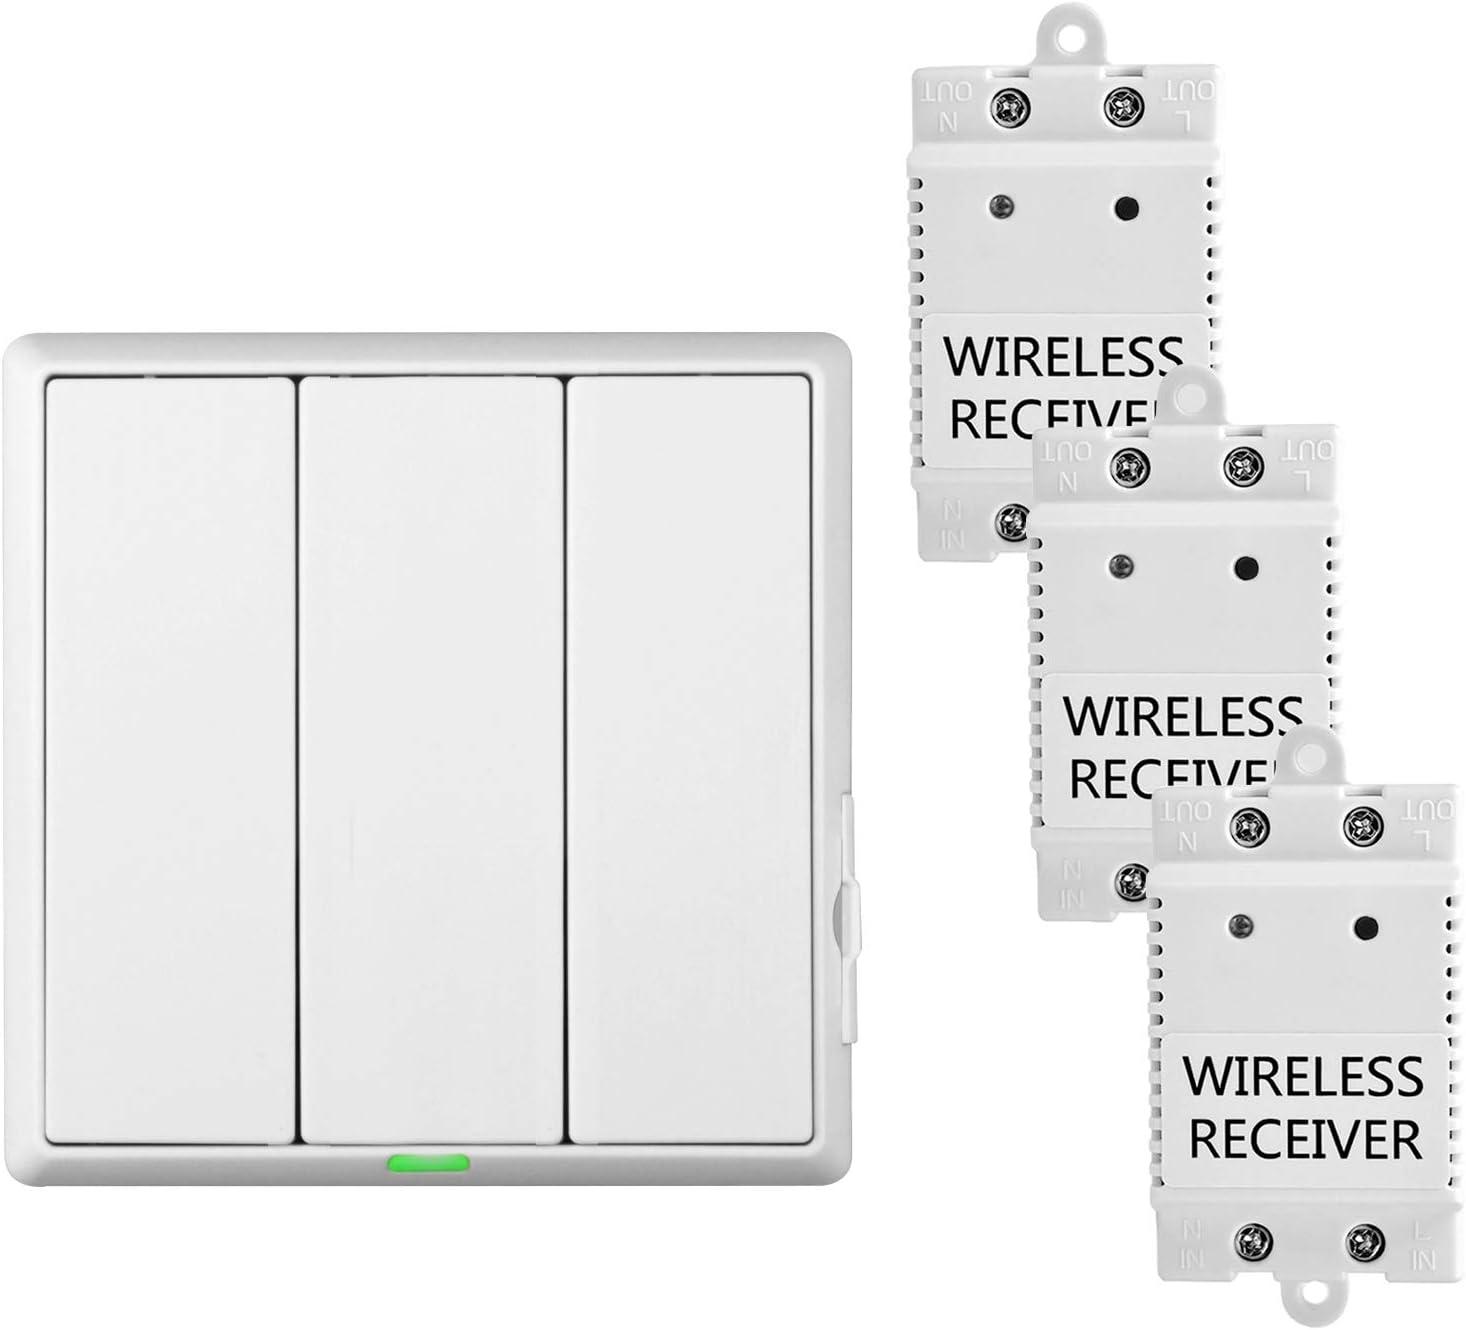 1//2//3 Gang 433MHz RF-Fernbedienungssender Kabellos Push Button Wall Lights Schalter Panel /Überall bleiben F/ür Zuhause Wohnzimmer Schlafzimmer Festnight Fernbedienung Wandleuchte Schalter Panel